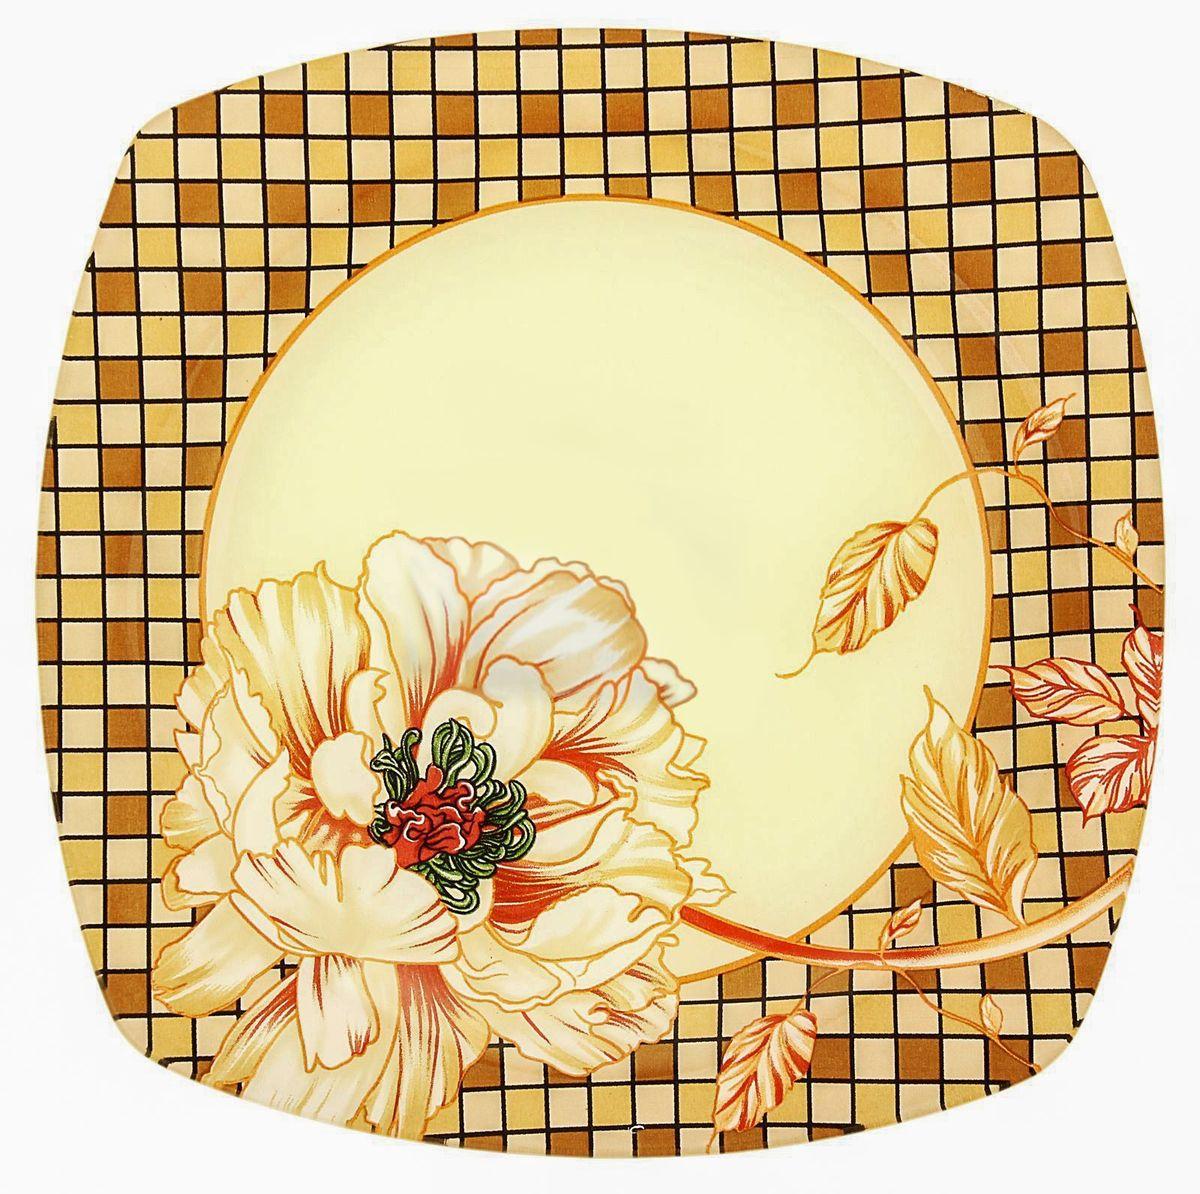 Тарелка десертная Доляна Клетка, диаметр 20 см230532Тарелка Доляна с природными мотивами в оформлении разнообразит интерьер кухни и сделает застолье самобытным и запоминающимся. Качественное стекло не впитывает запахов, гладкая поверхность обеспечивает легкость мытья.Рекомендуется избегать использования абразивных моющих средств.Делайте любимый дом уютнее!